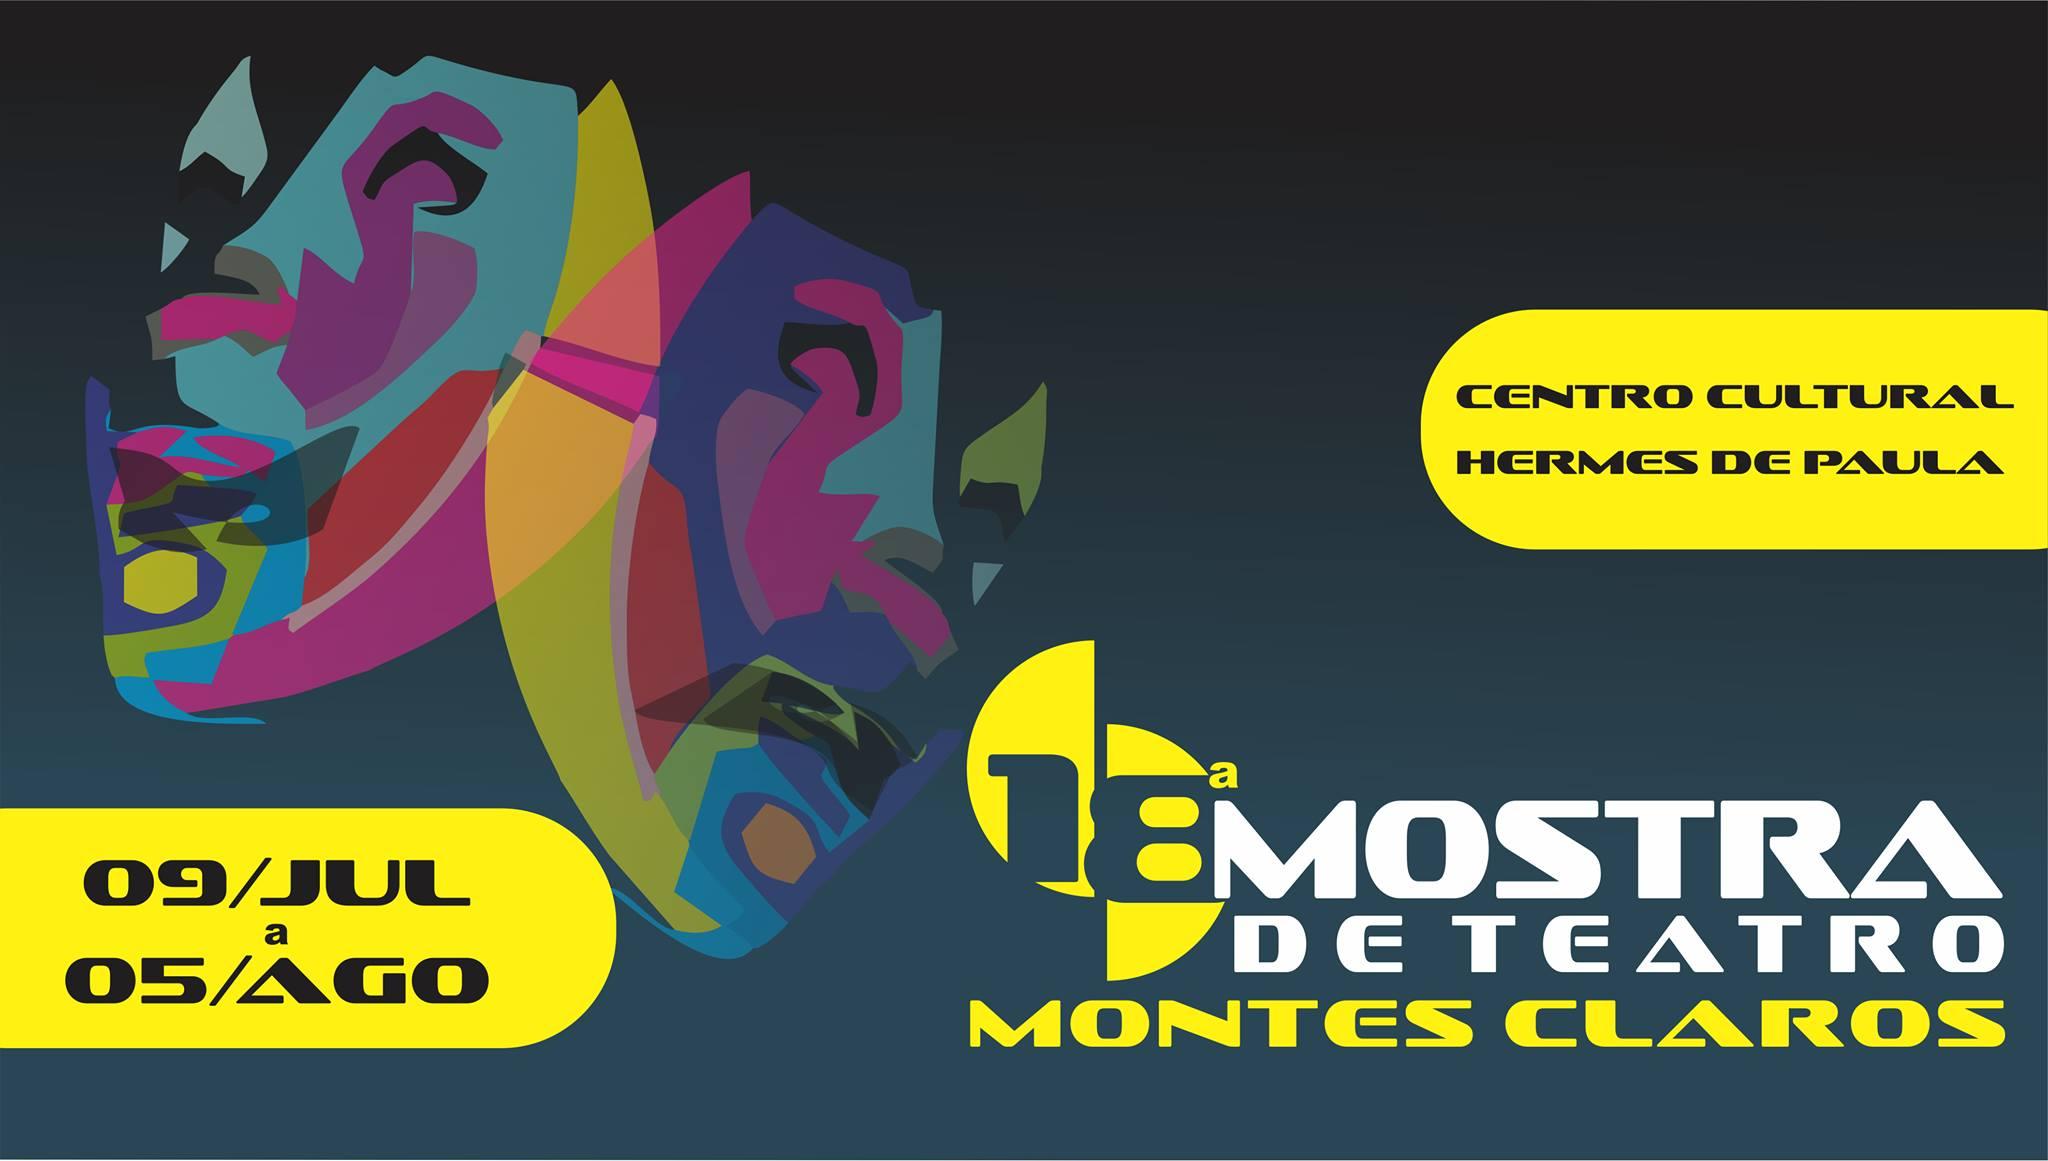 Imagem de destaque 18ª Mostra de Teatro de Montes Claros  - Evento, que vai até o dia 5 de agosto, oferece atividades e espetáculos para os amantes das artes cênica